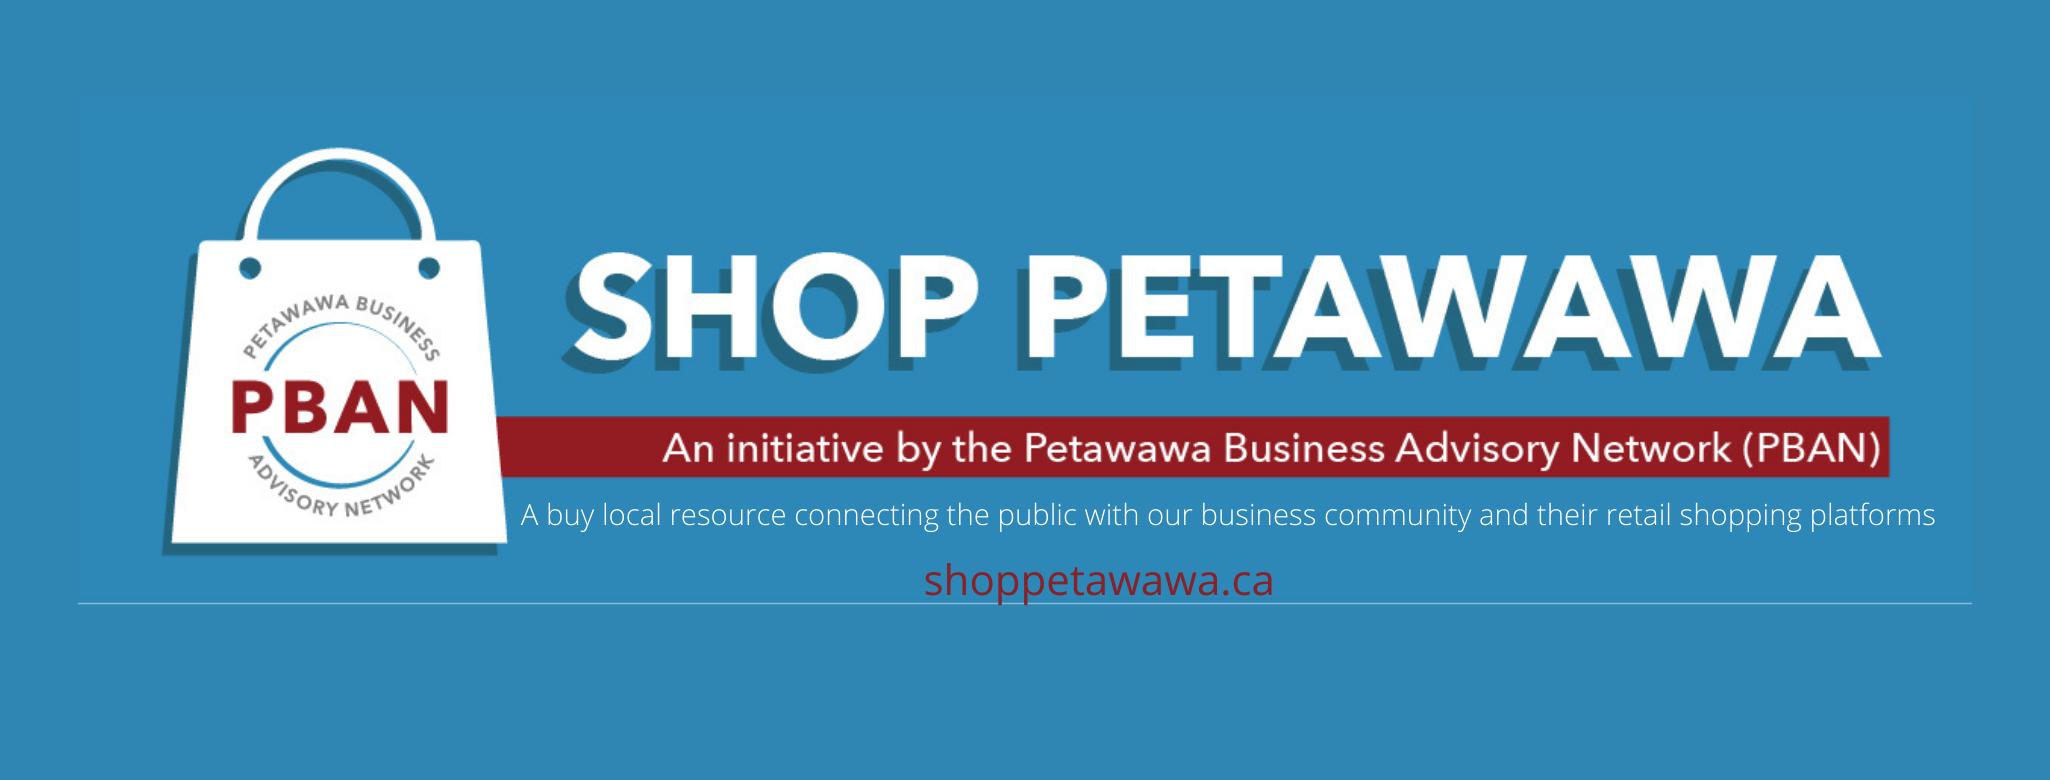 Shop Petawawa Holiday campaign graphic